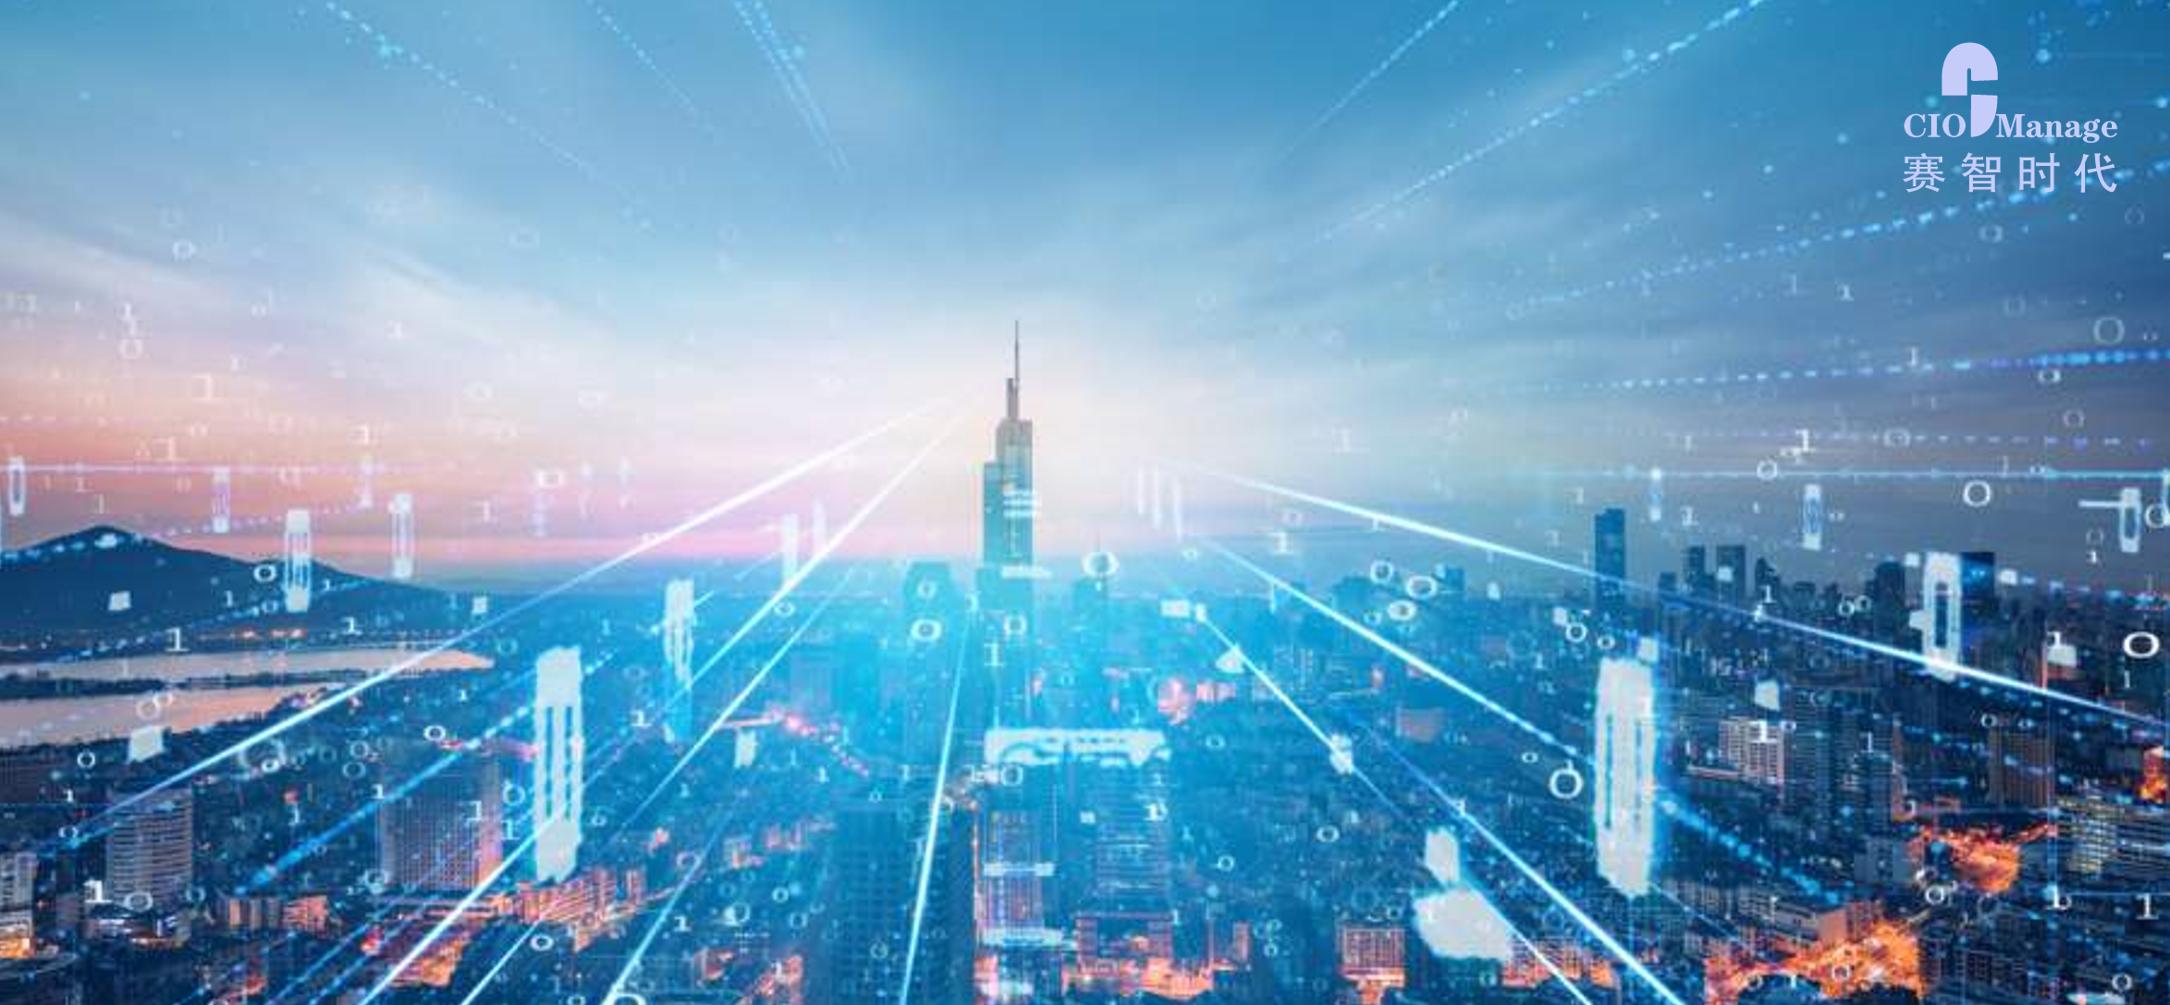 赛智时代:数字孪生城市建设研究